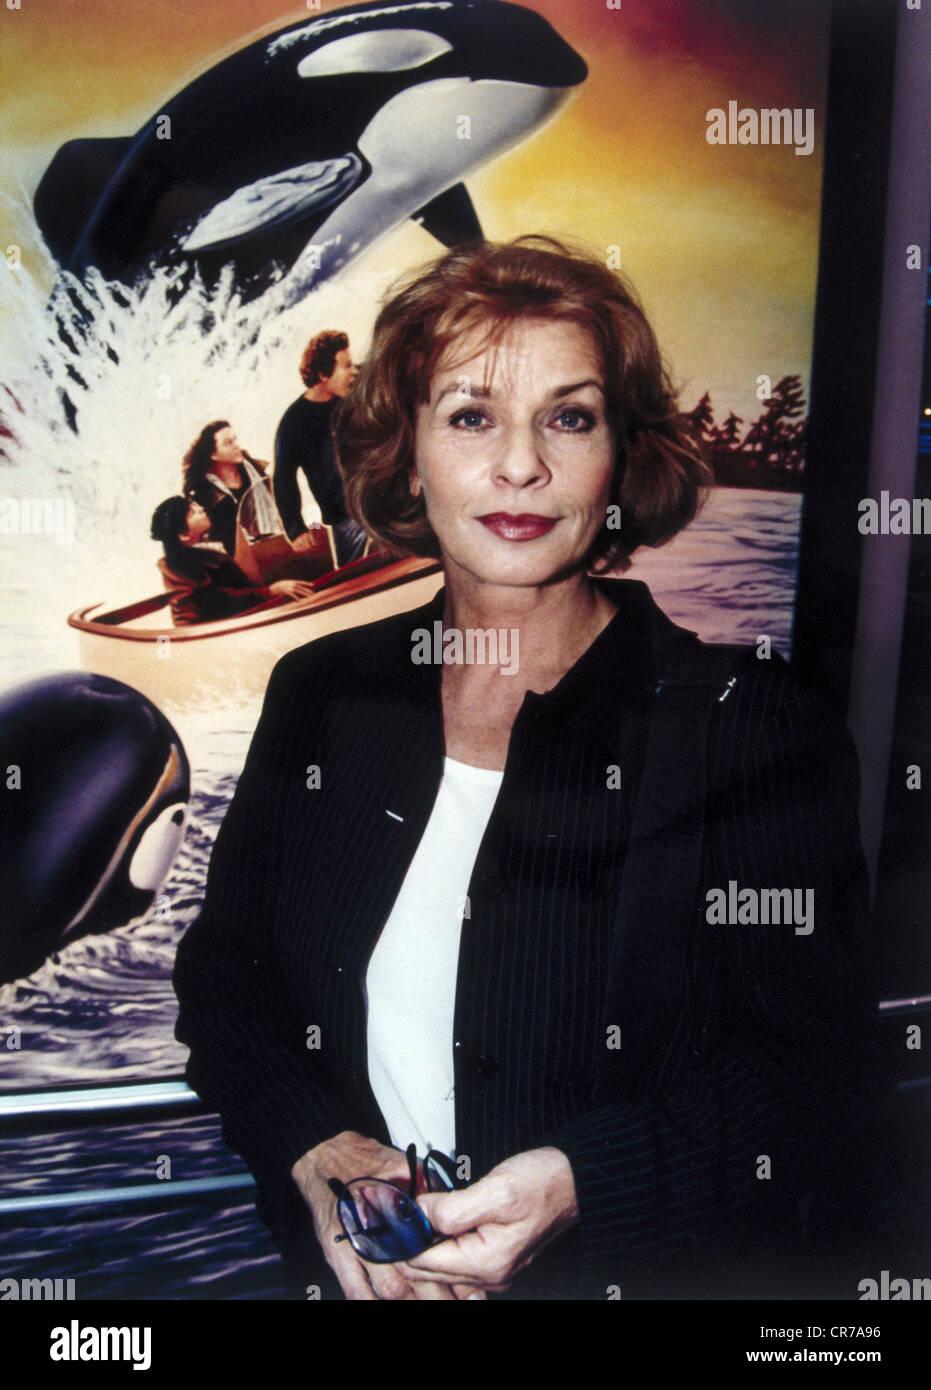 Berger, Senta, * 13.5.1941, actriz austriaca, de media duración, como embajadora de UNICEF, en la presentación preliminar de la película 'Free Willy II' en Munich, agosto de 1995, Foto de stock